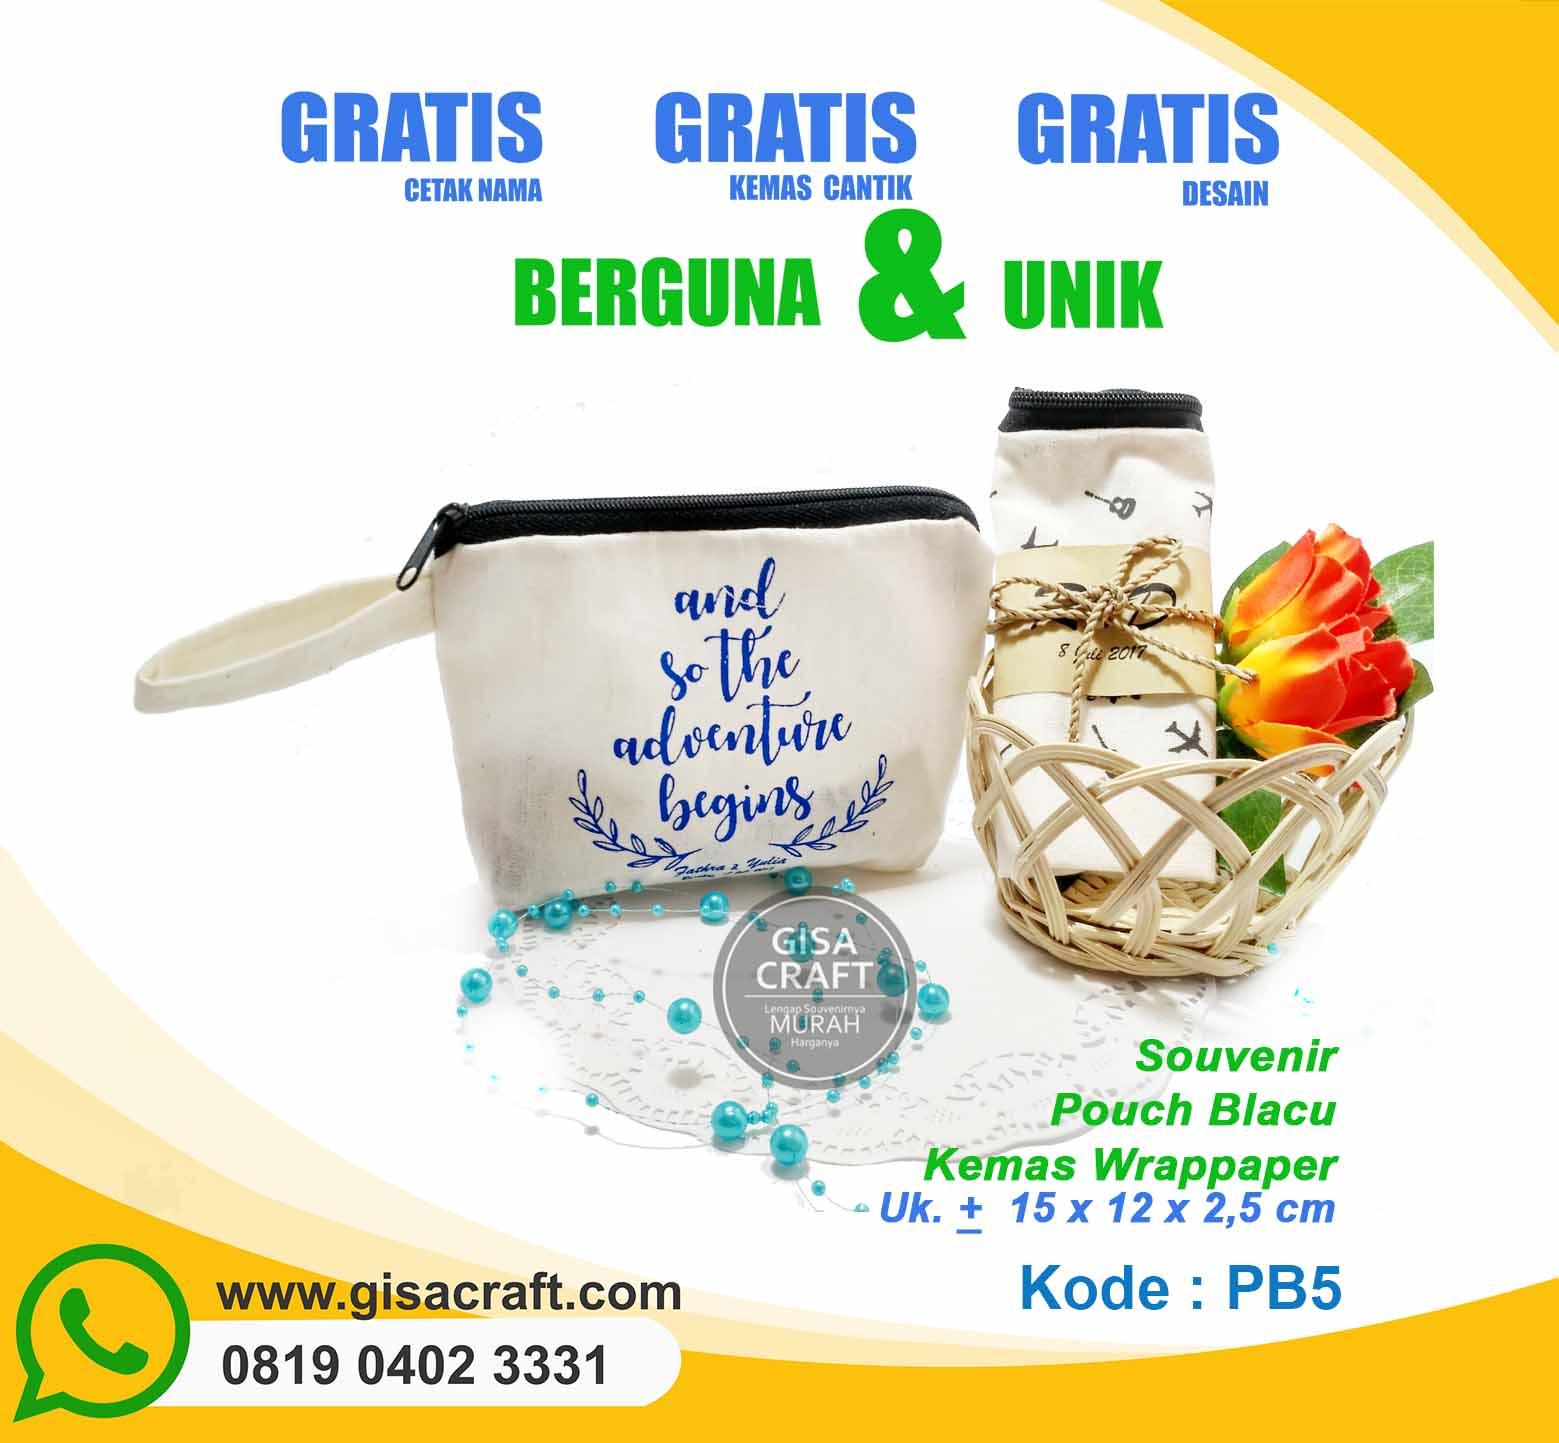 Souvenir Pouch Blacu Kemas Wrappaper PB5